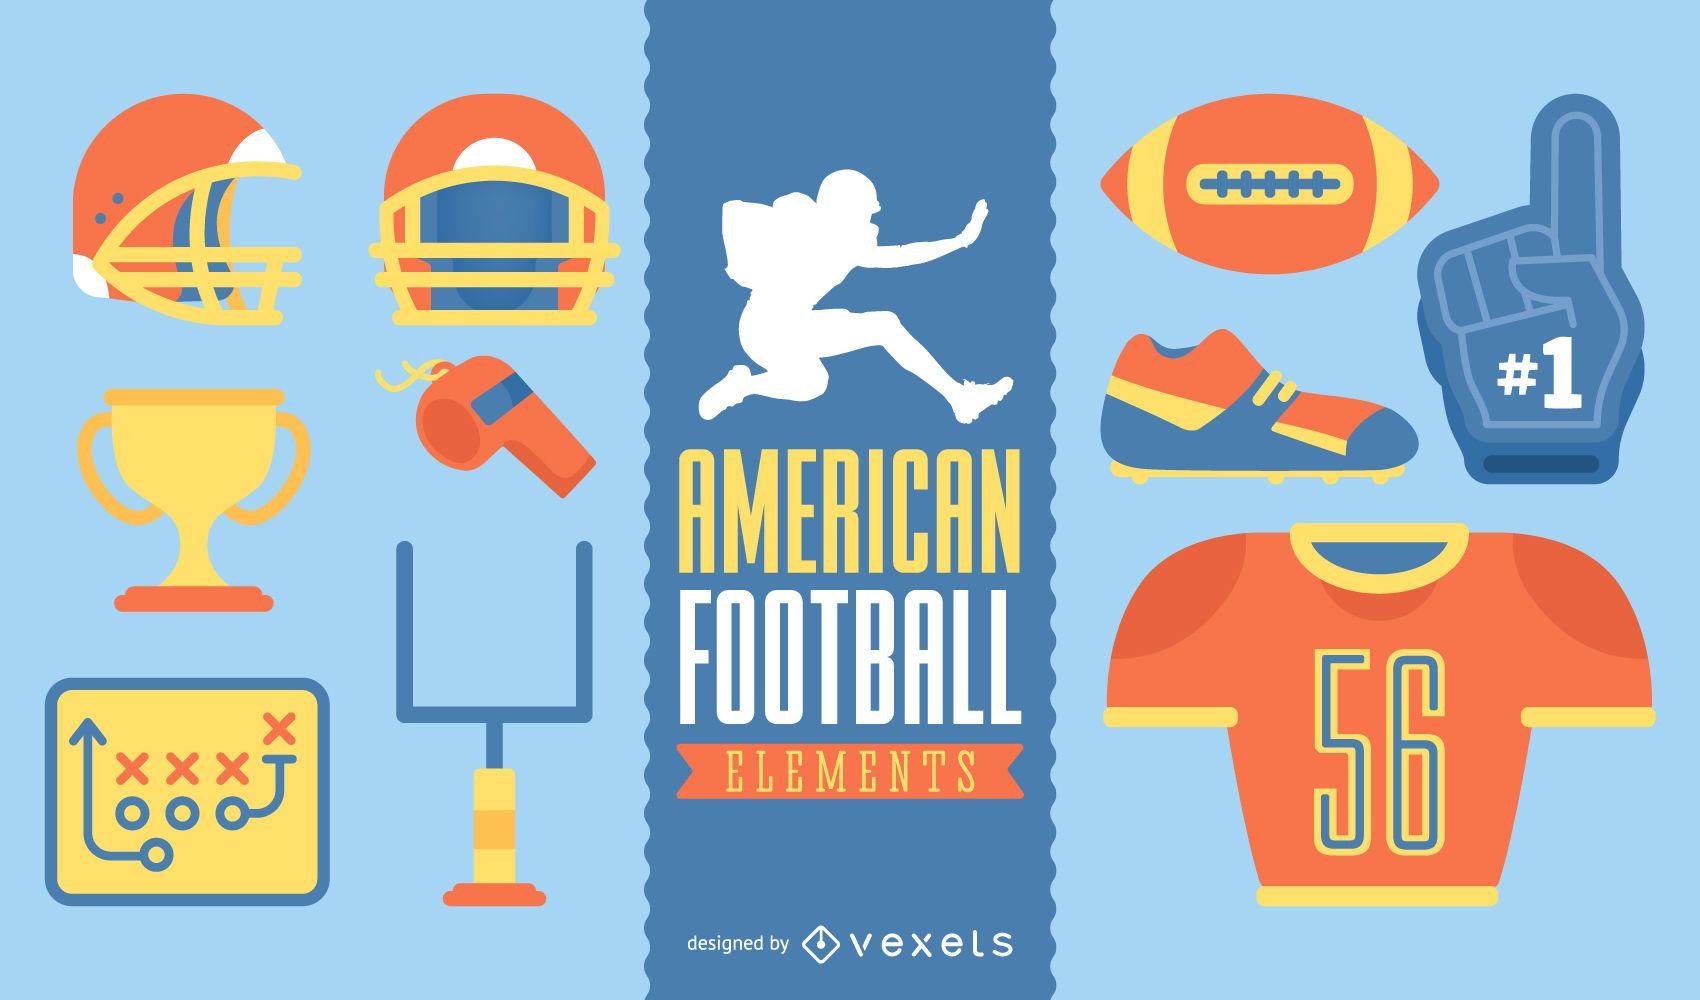 Conjunto de elementos ilustrados de fútbol americano